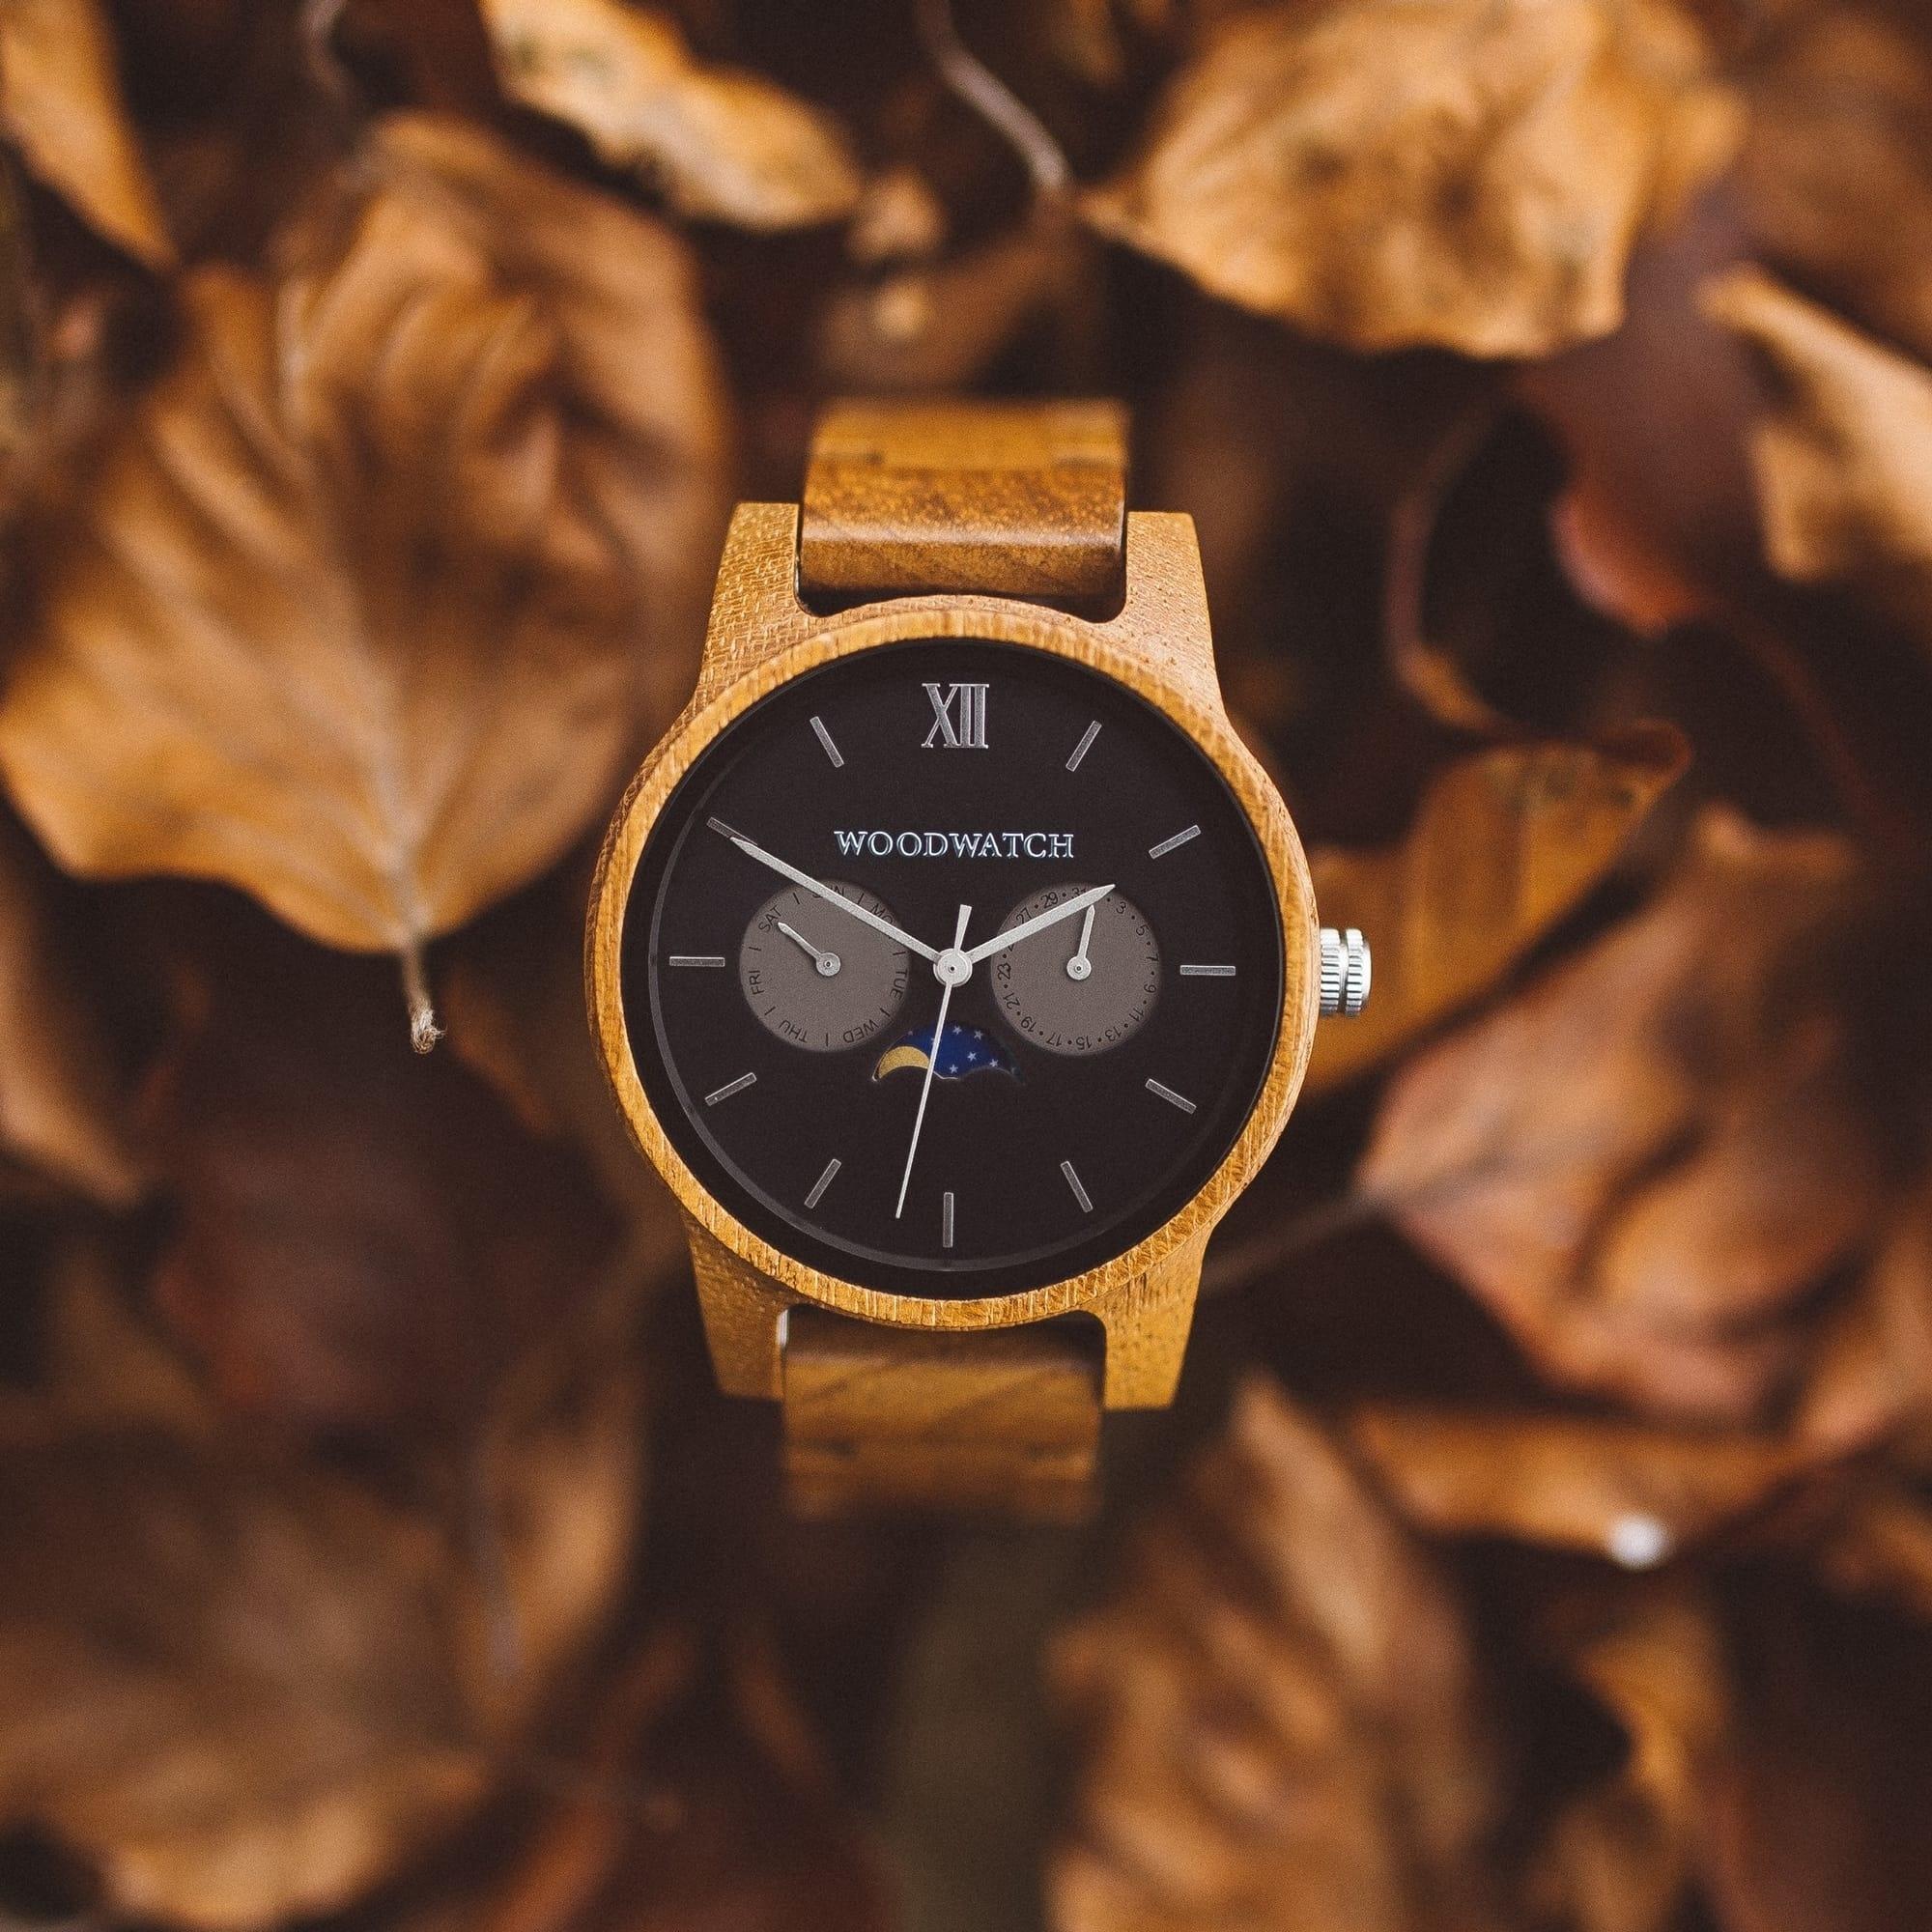 CLASSIC Kollektionen är en sofistikerad nytolkning av WoodWatchs klassiska design. Den tunna boetten ger ett elegant uttryck samtidigt som klockorna är försedda med en unik månfaskalender och två extra urtavlor för vecka och månad.CLASSIC Maverick är til